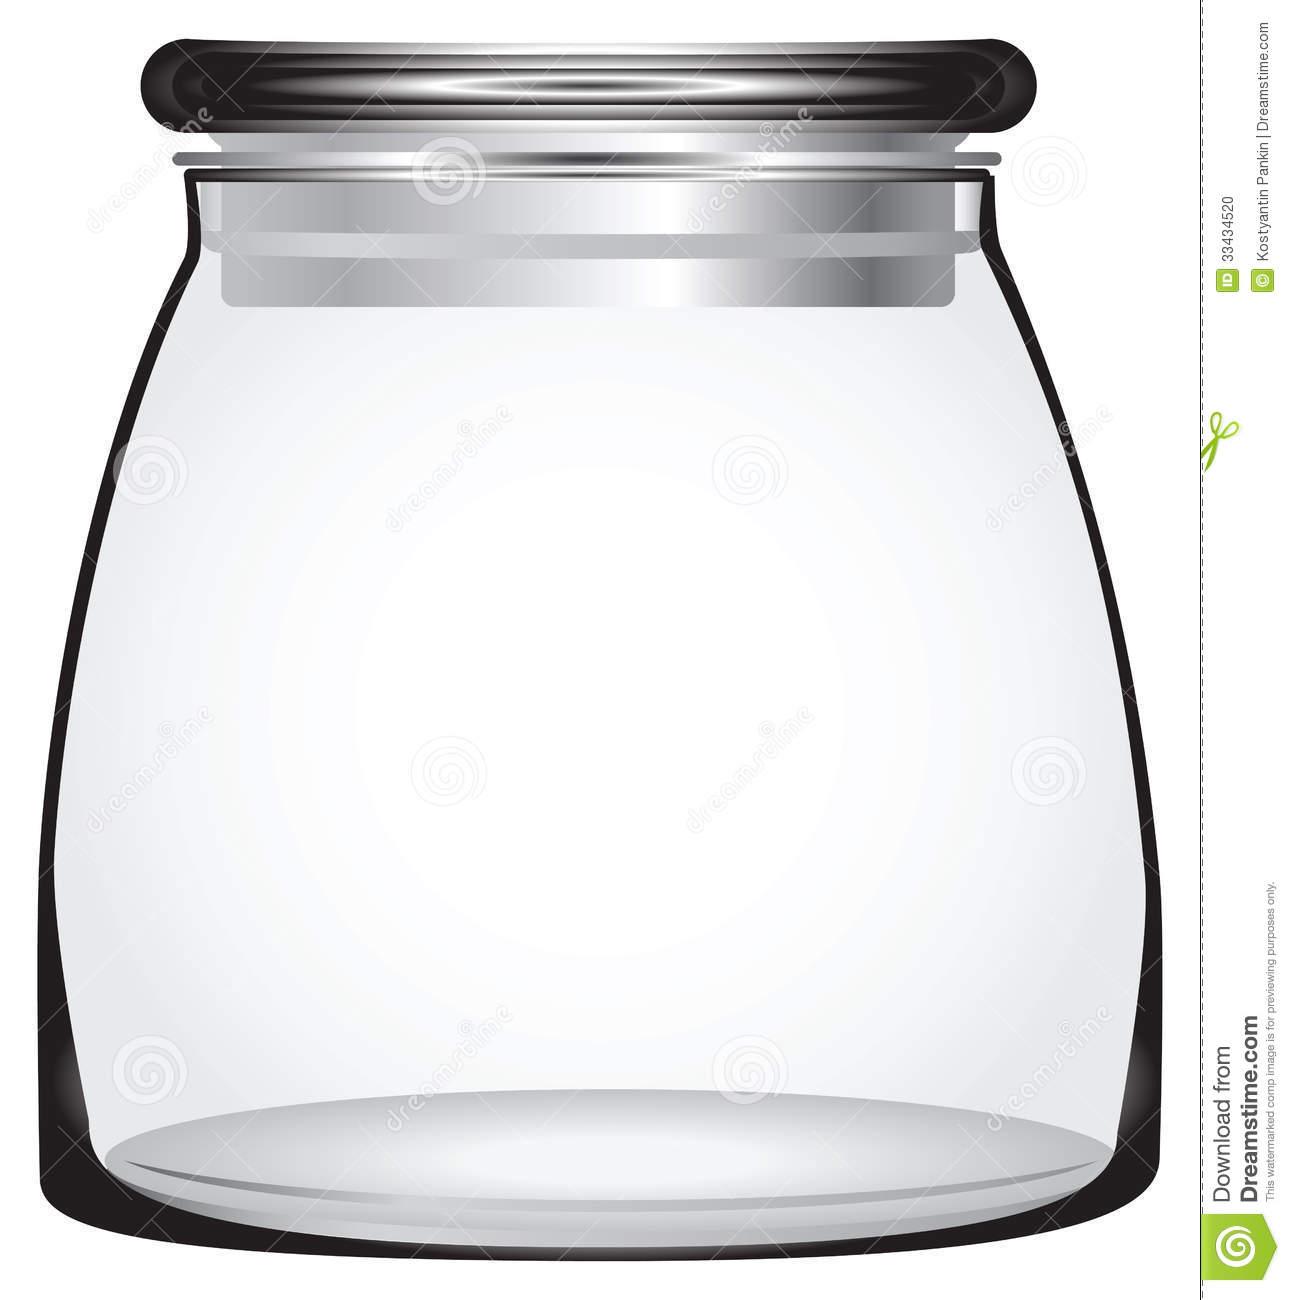 Storage jar clipart #4